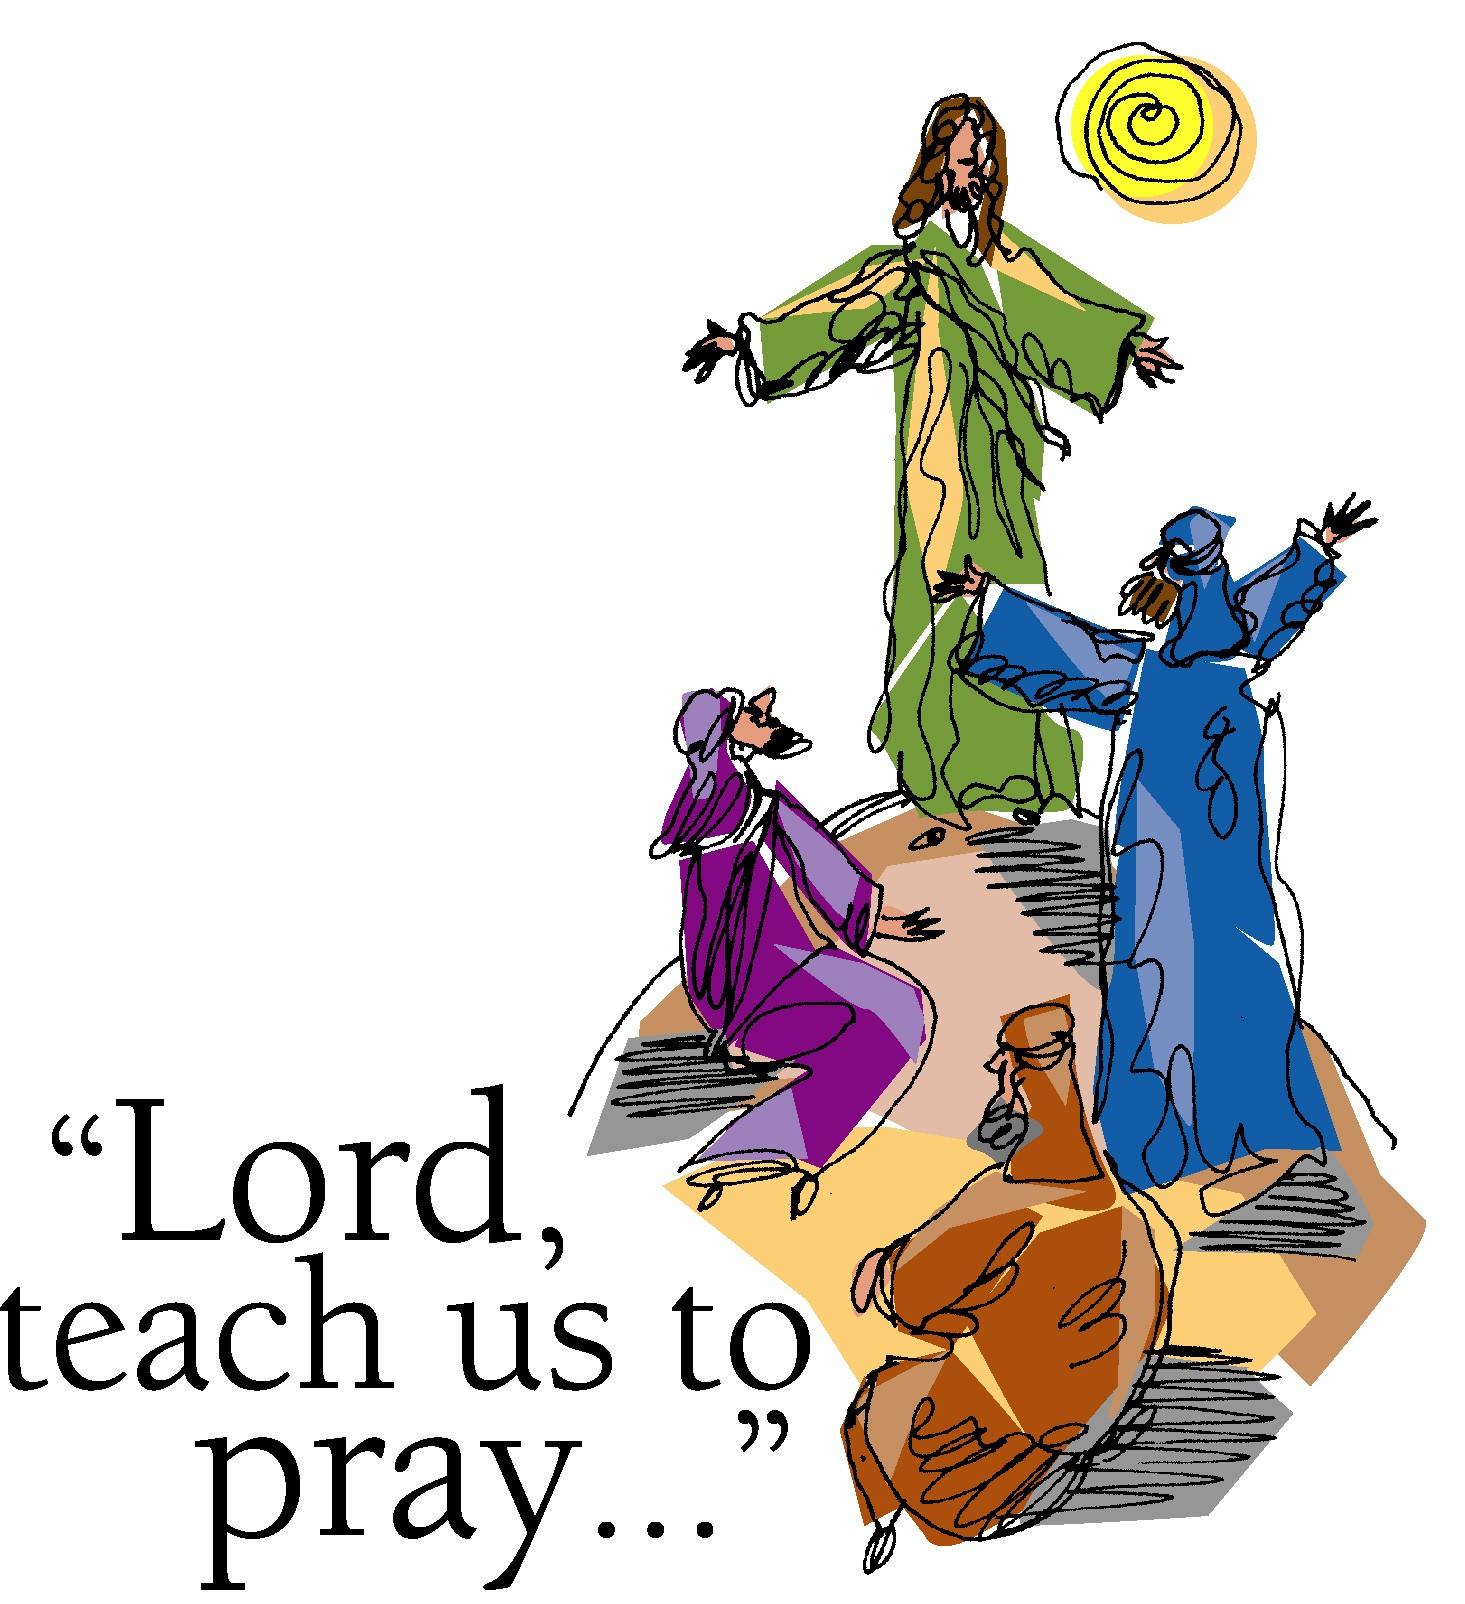 Prayer jesus taught us to pray